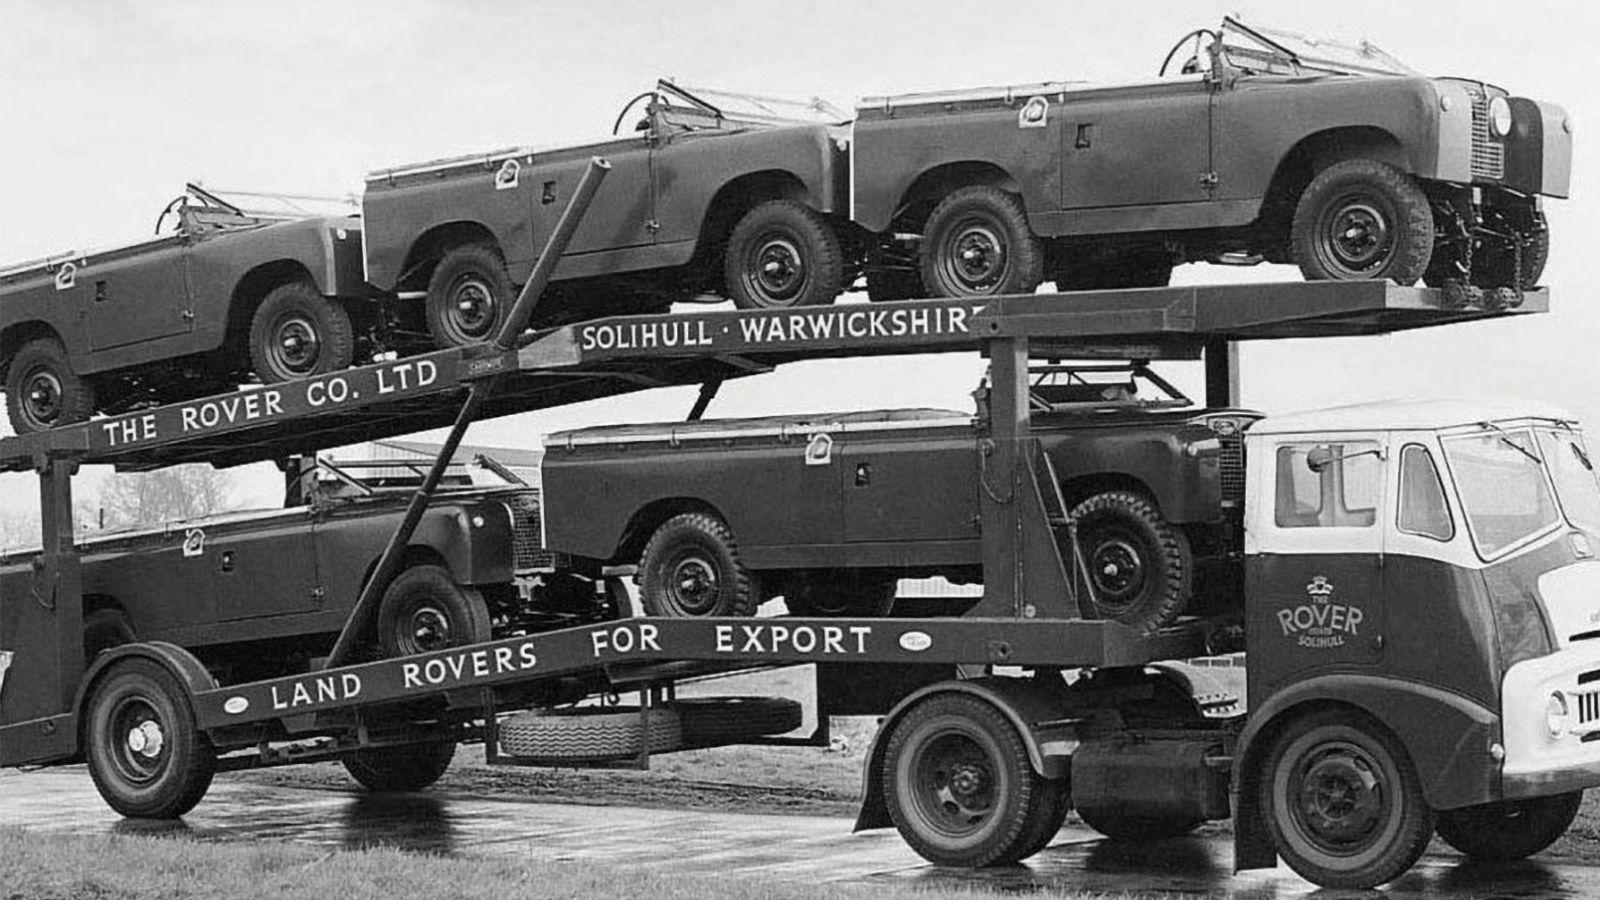 Land Rover Seri II araçları